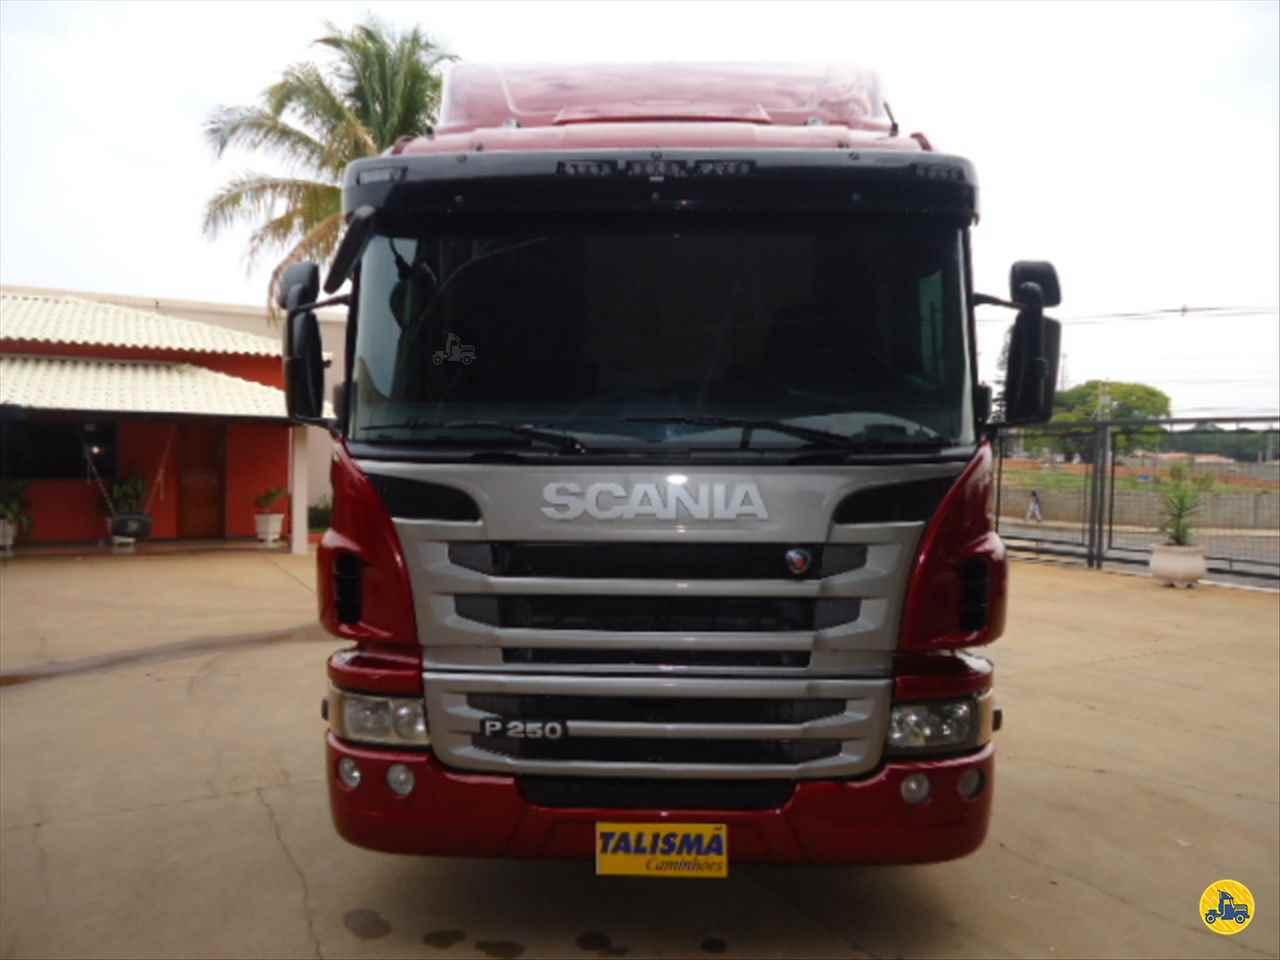 CAMINHAO SCANIA SCANIA P250 Chassis Truck 6x2 Talismã Veículos VARGEM GRANDE DO SUL SÃO PAULO SP